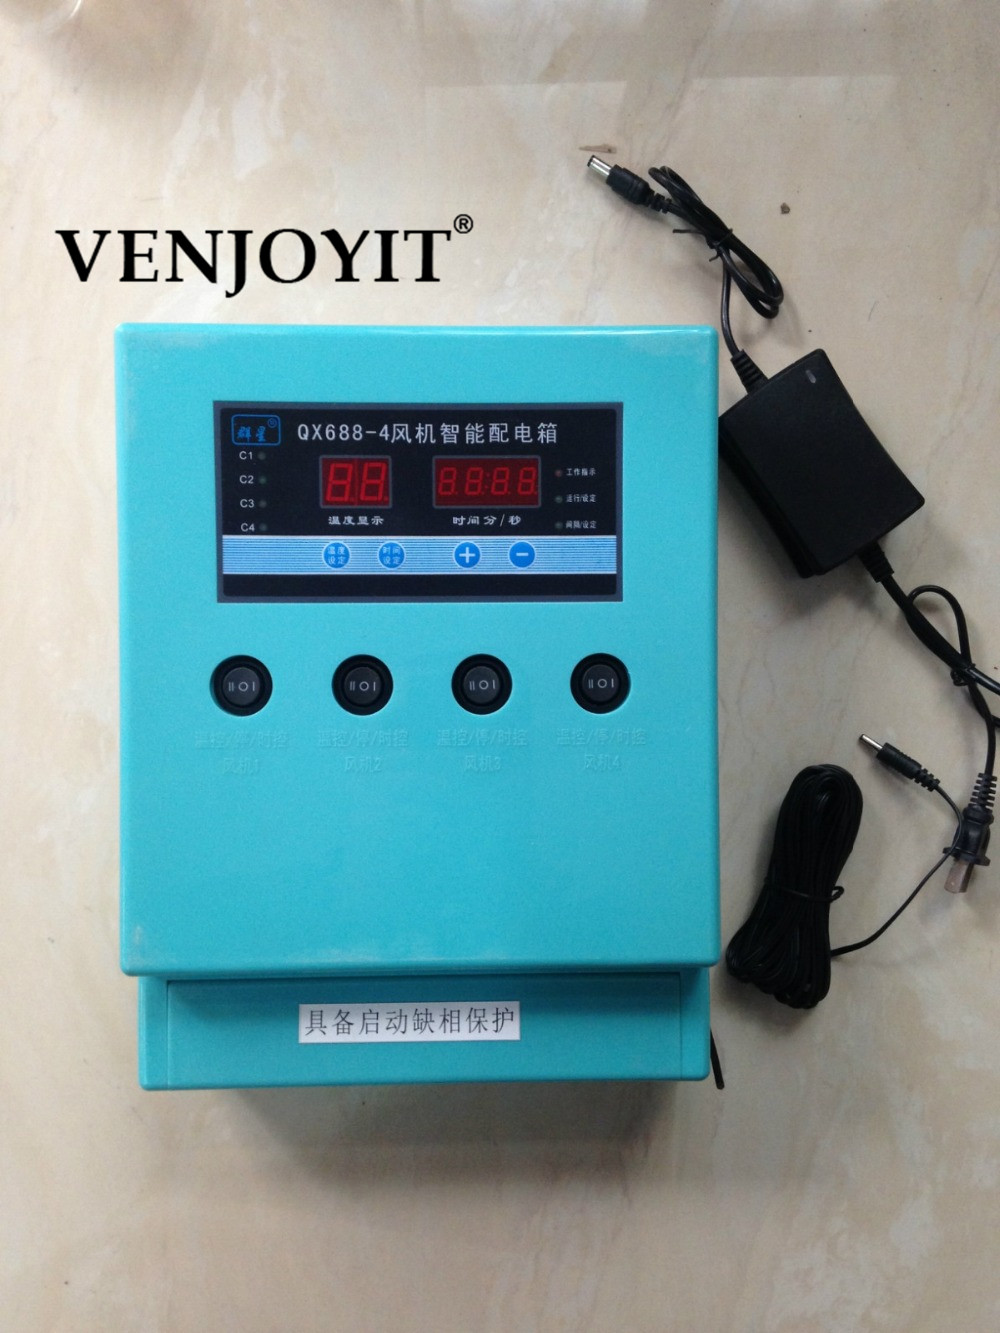 Свинья куриной температуры вентилятор время цветок селекции вентиляции оборудования занавес воды контроля блок управления